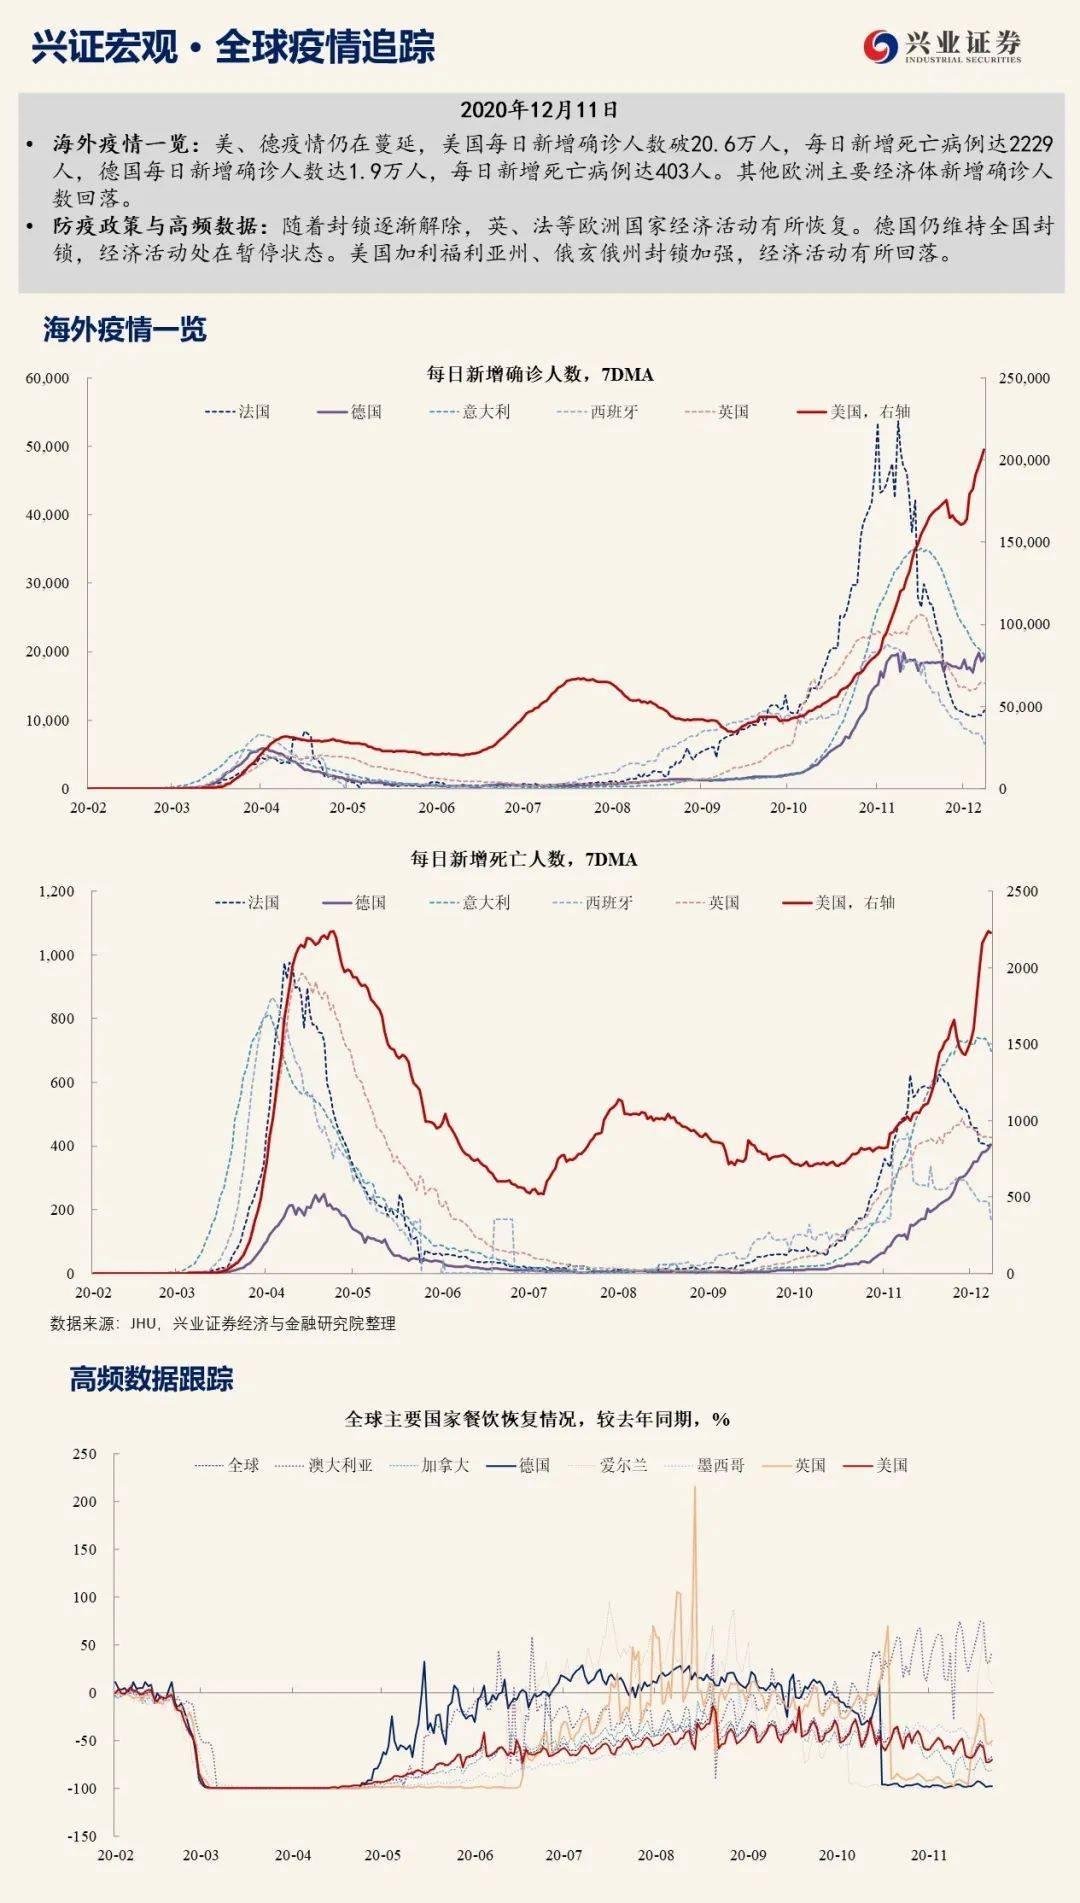 【宏观】美国疫情蔓延迅速,经济活动下滑——全球疫情追踪